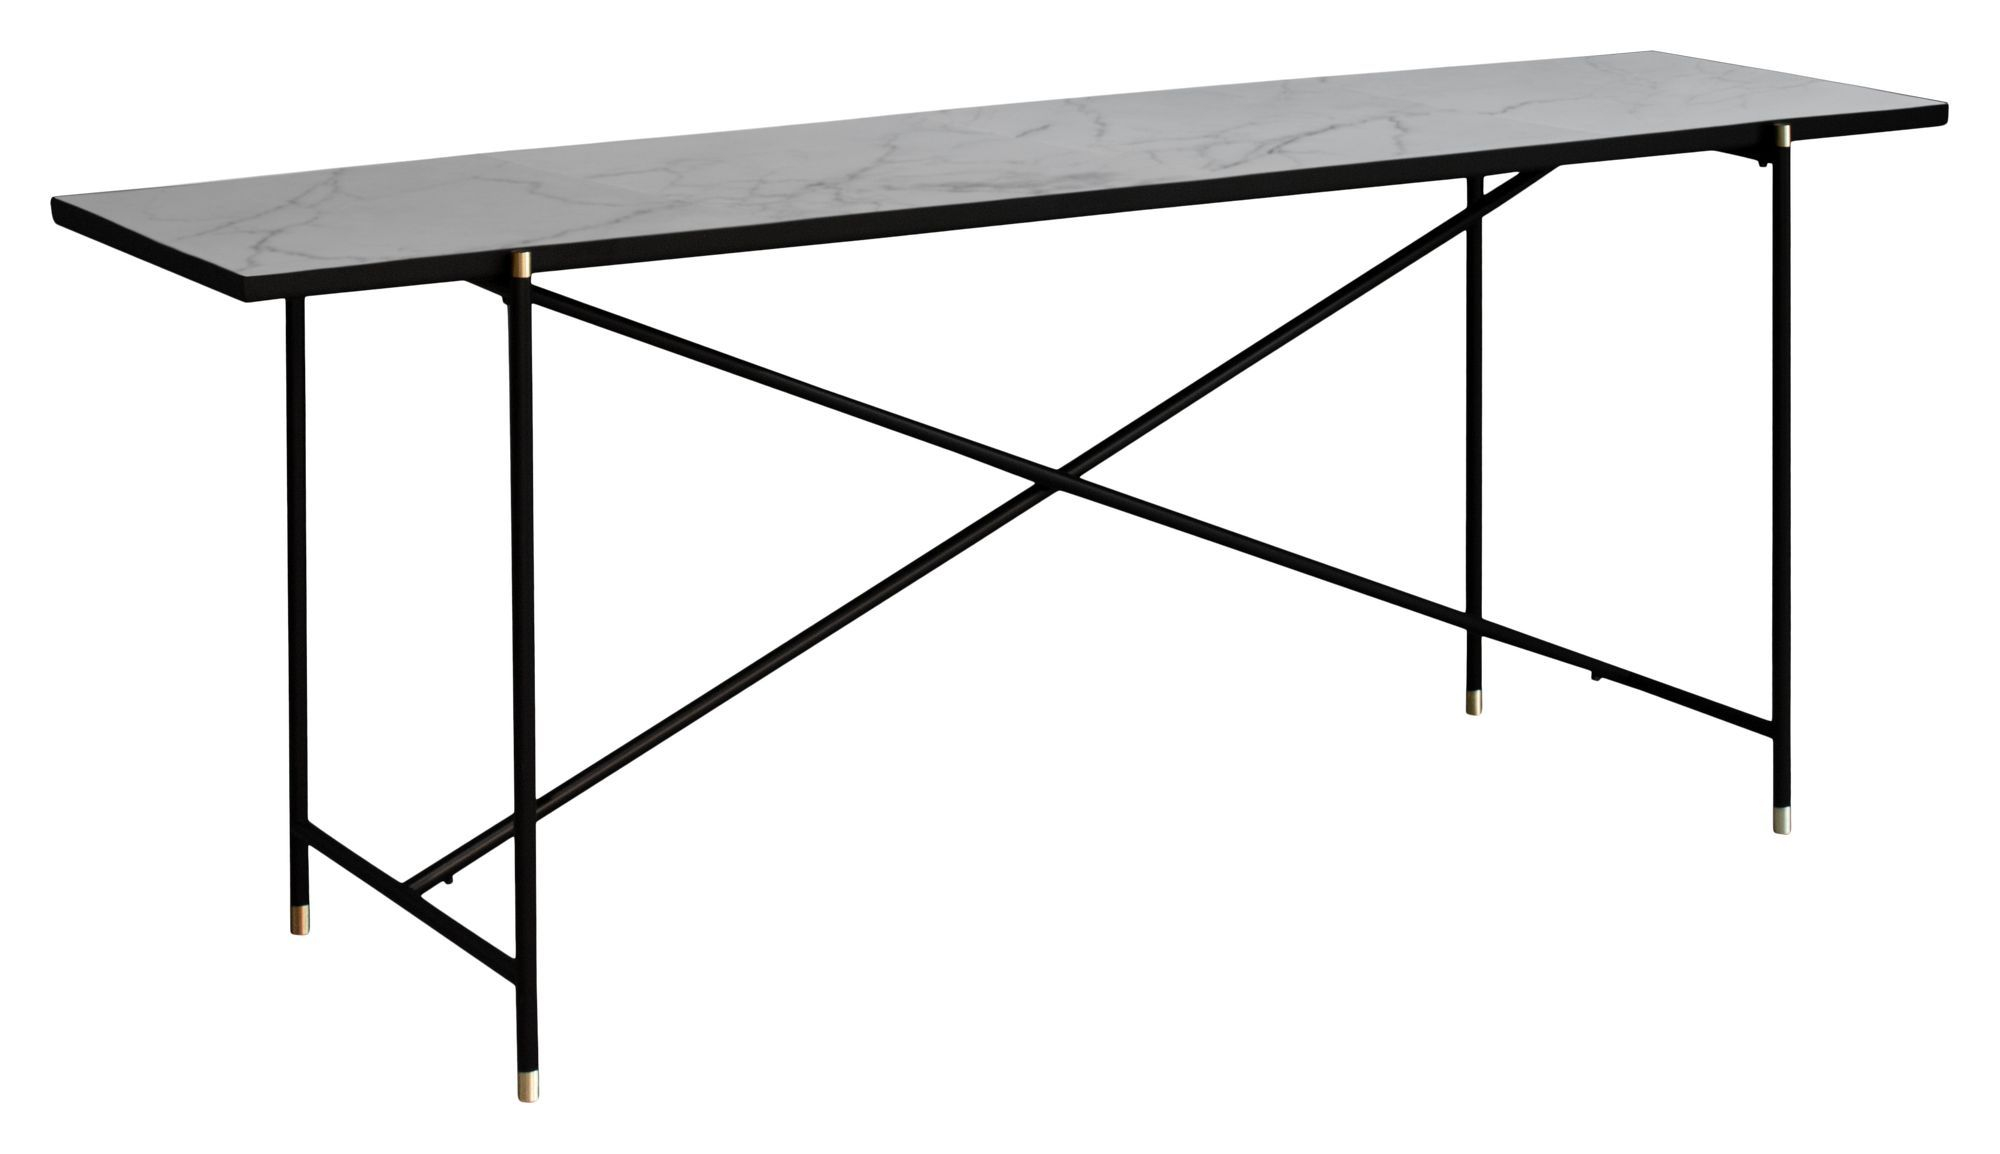 HANDVÄRK Konsolbord 184x46 - Hvid Marmor, messing - Hvidt konsolbord med messing